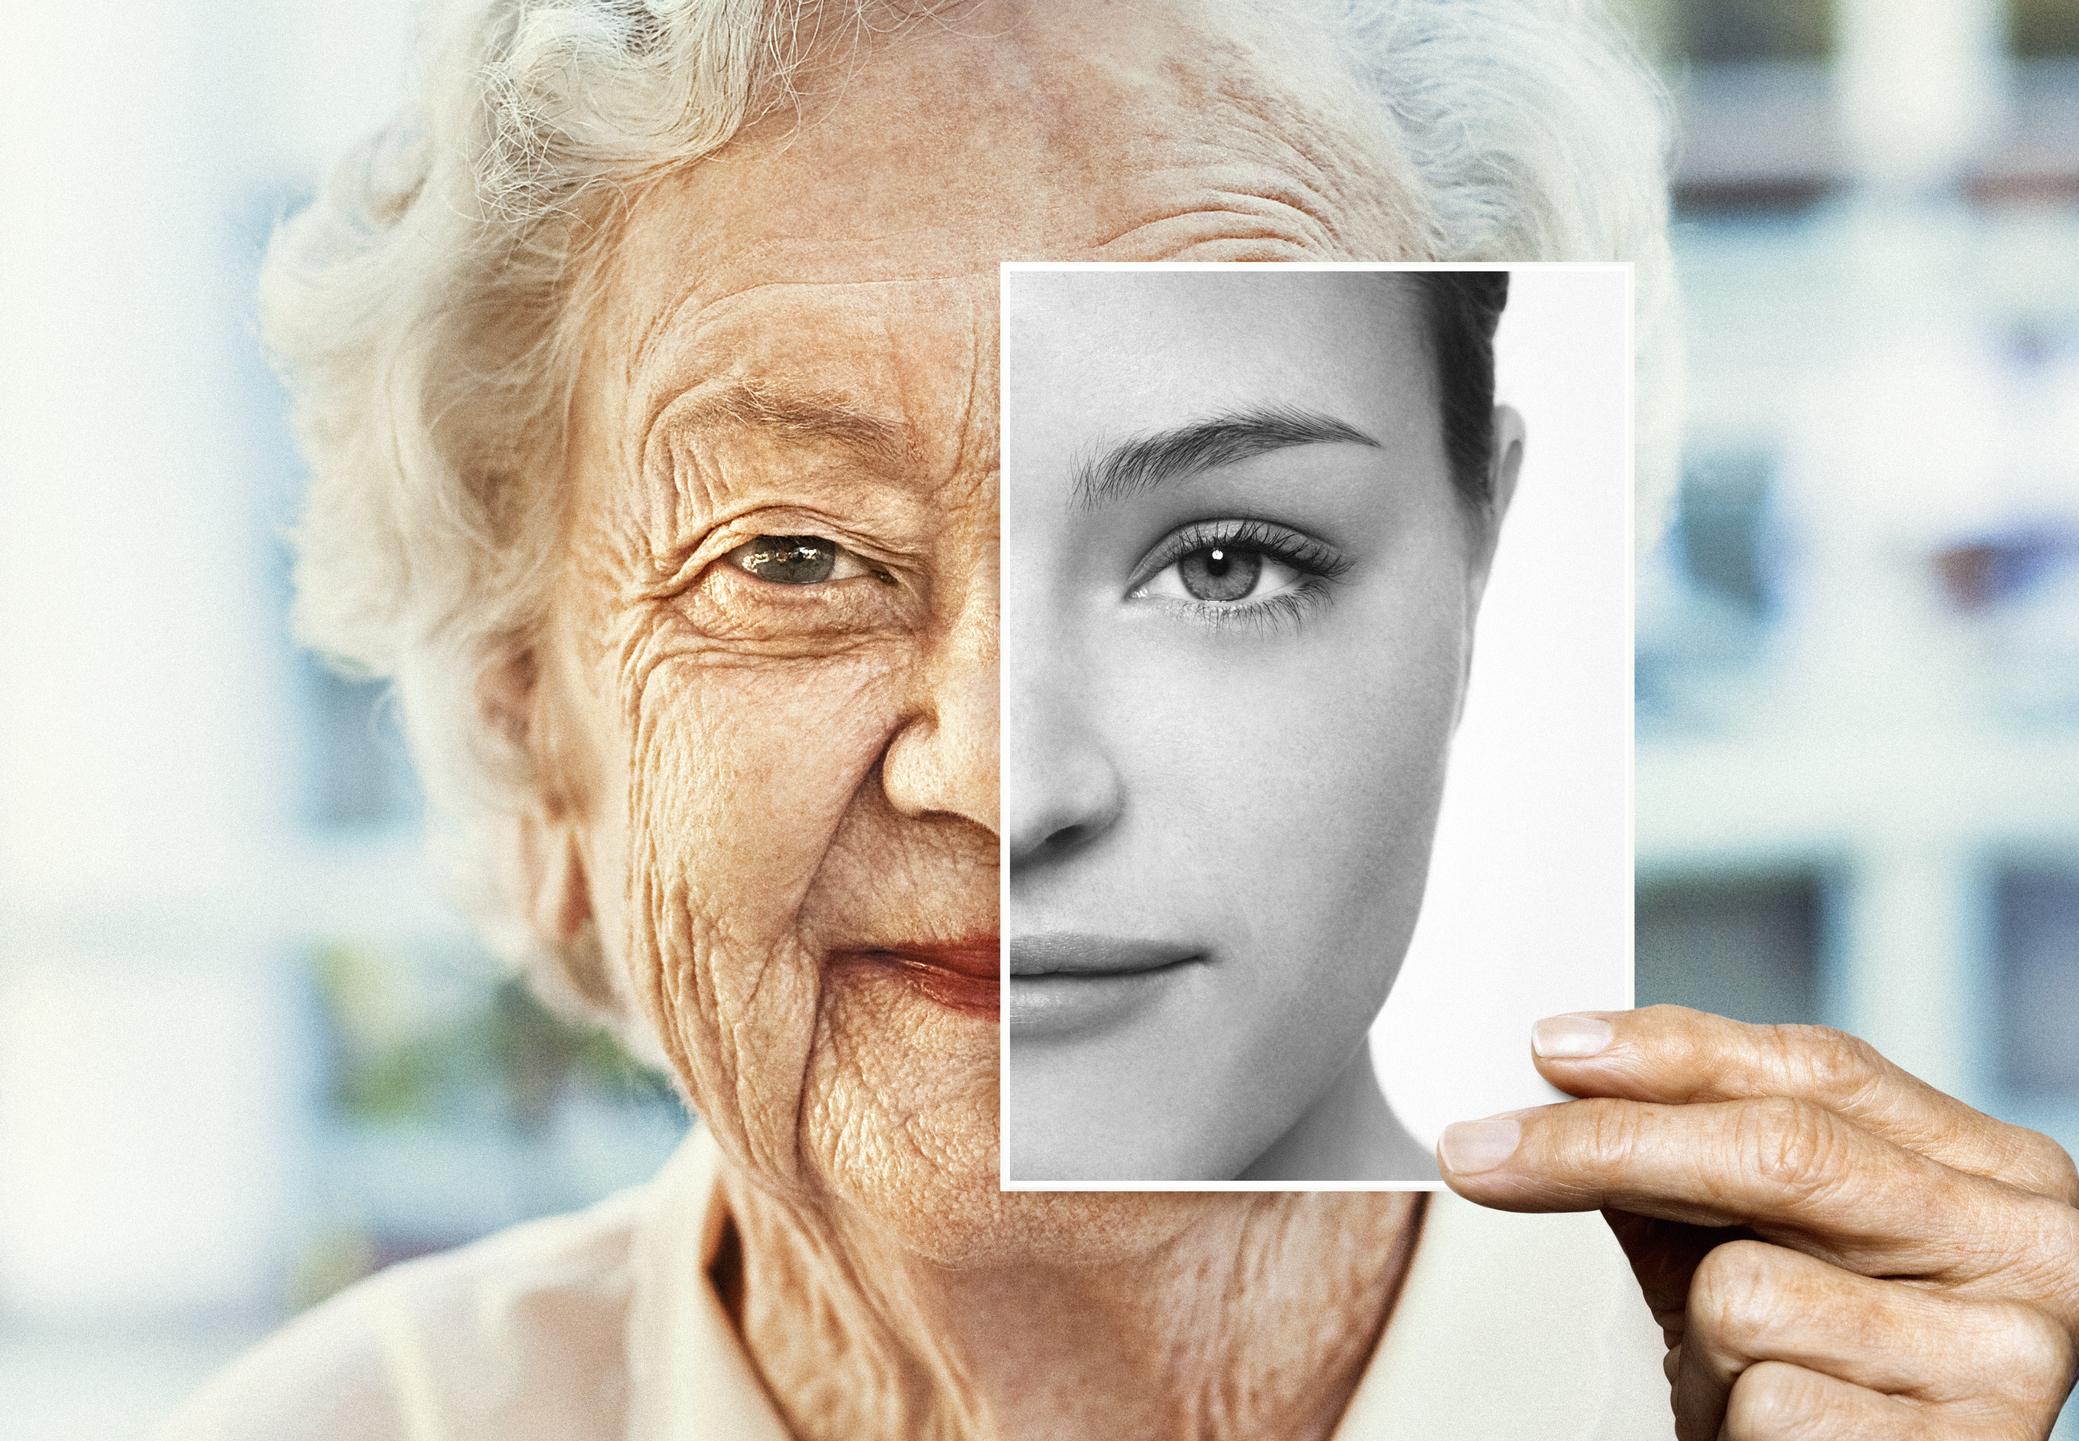 Izraeli kutatás: megállítható az öregedés